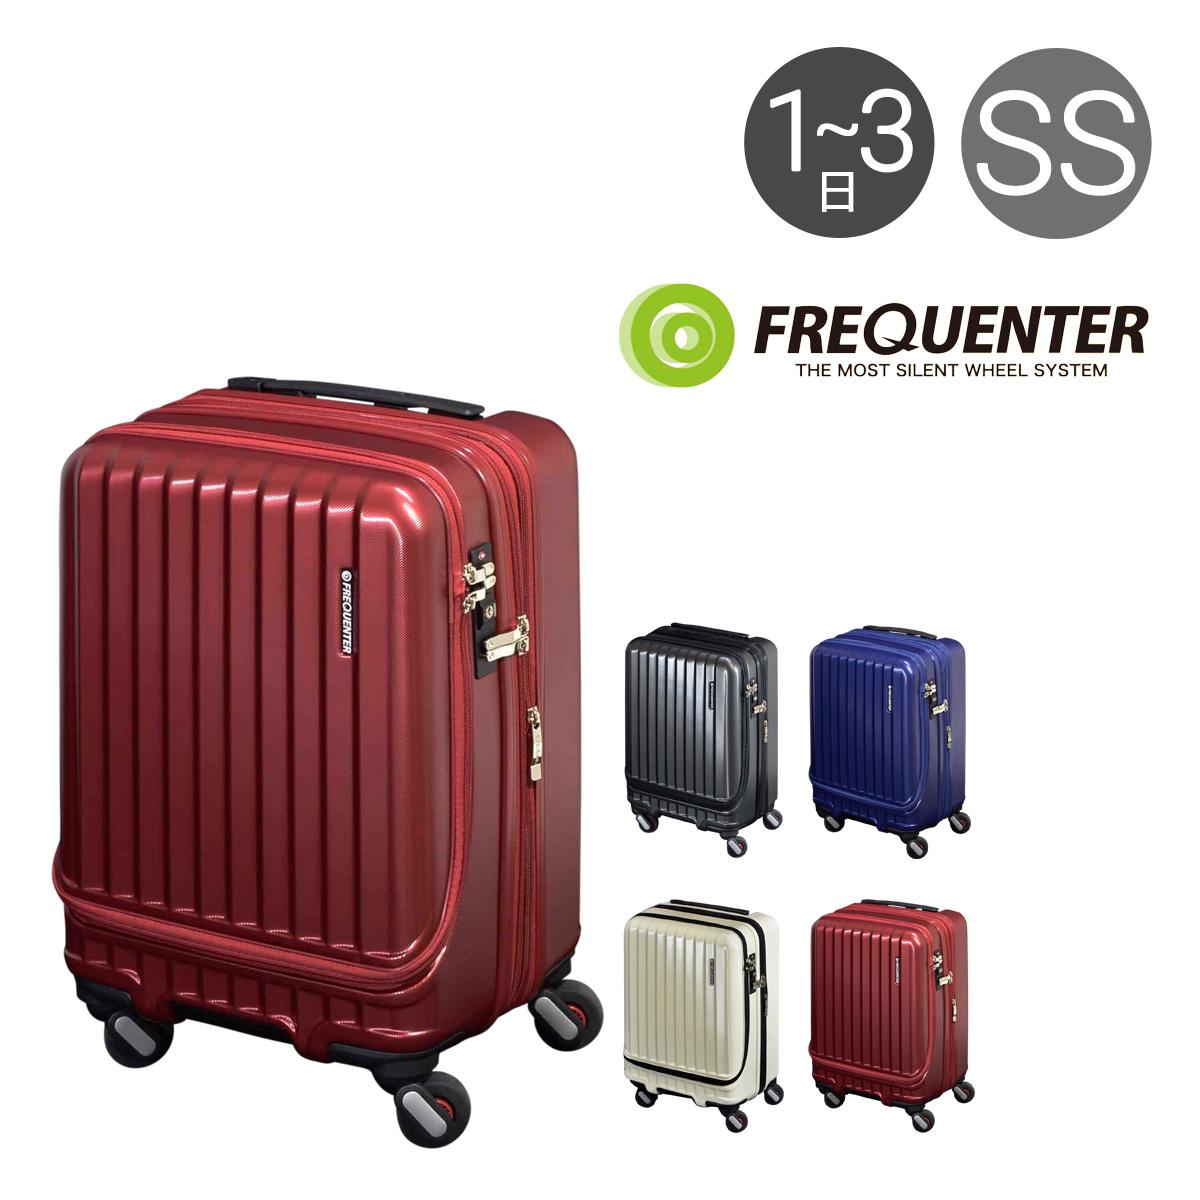 フリクエンター スーツケース マーリエ|機内持ち込み 34L/39L 46cm 3.7kg 1-282|フロントオープン 拡張 ハード ファスナー 静音 TSAロック搭載 キャリーバッグ キャリーケース ビジネスキャリー[PO10][bef]